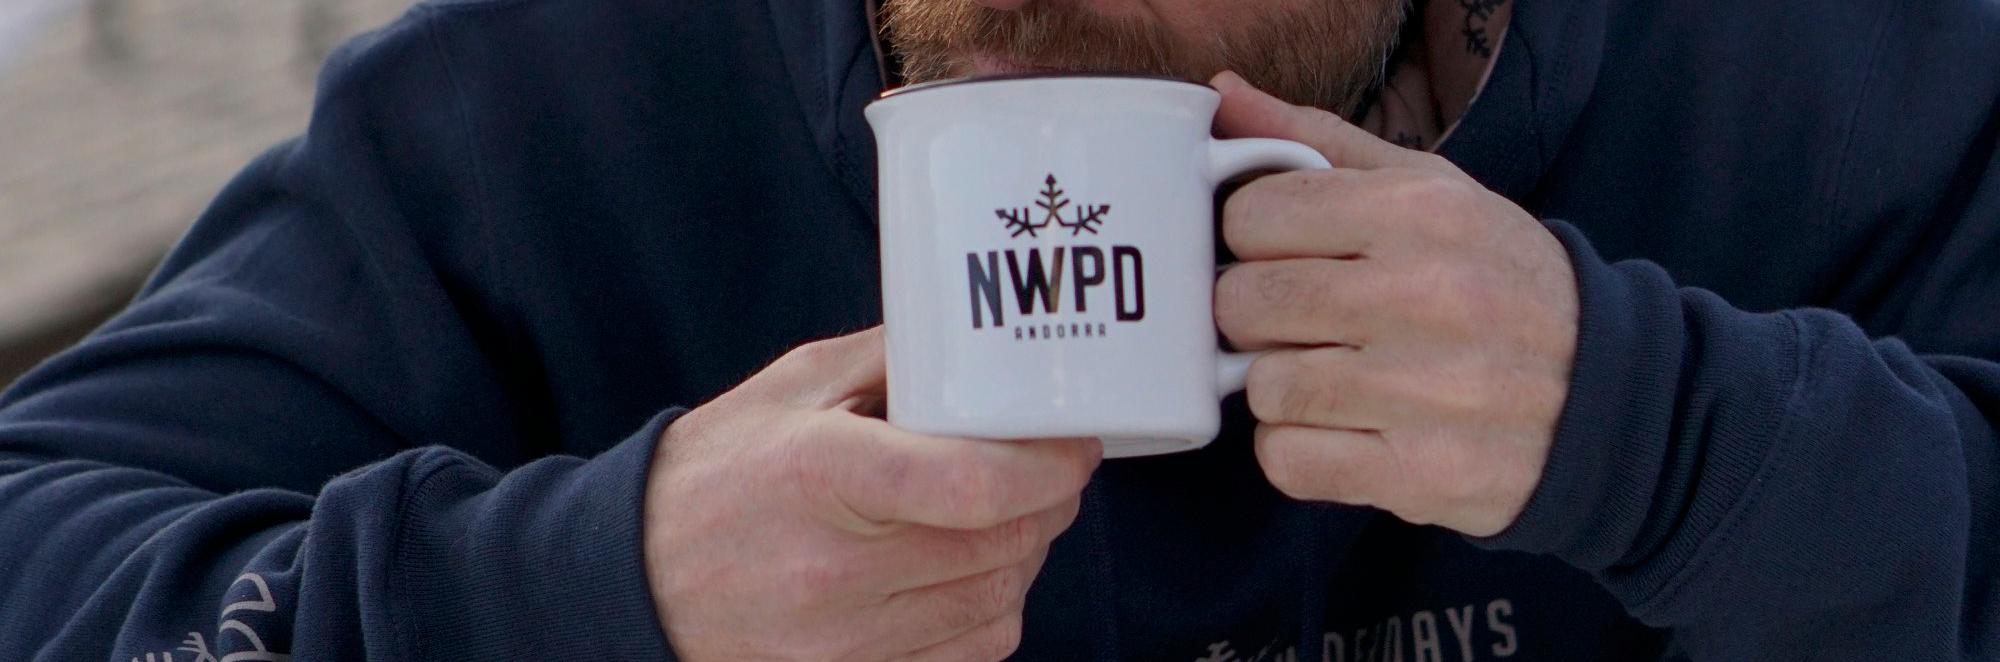 banner-nwpd-accesorios